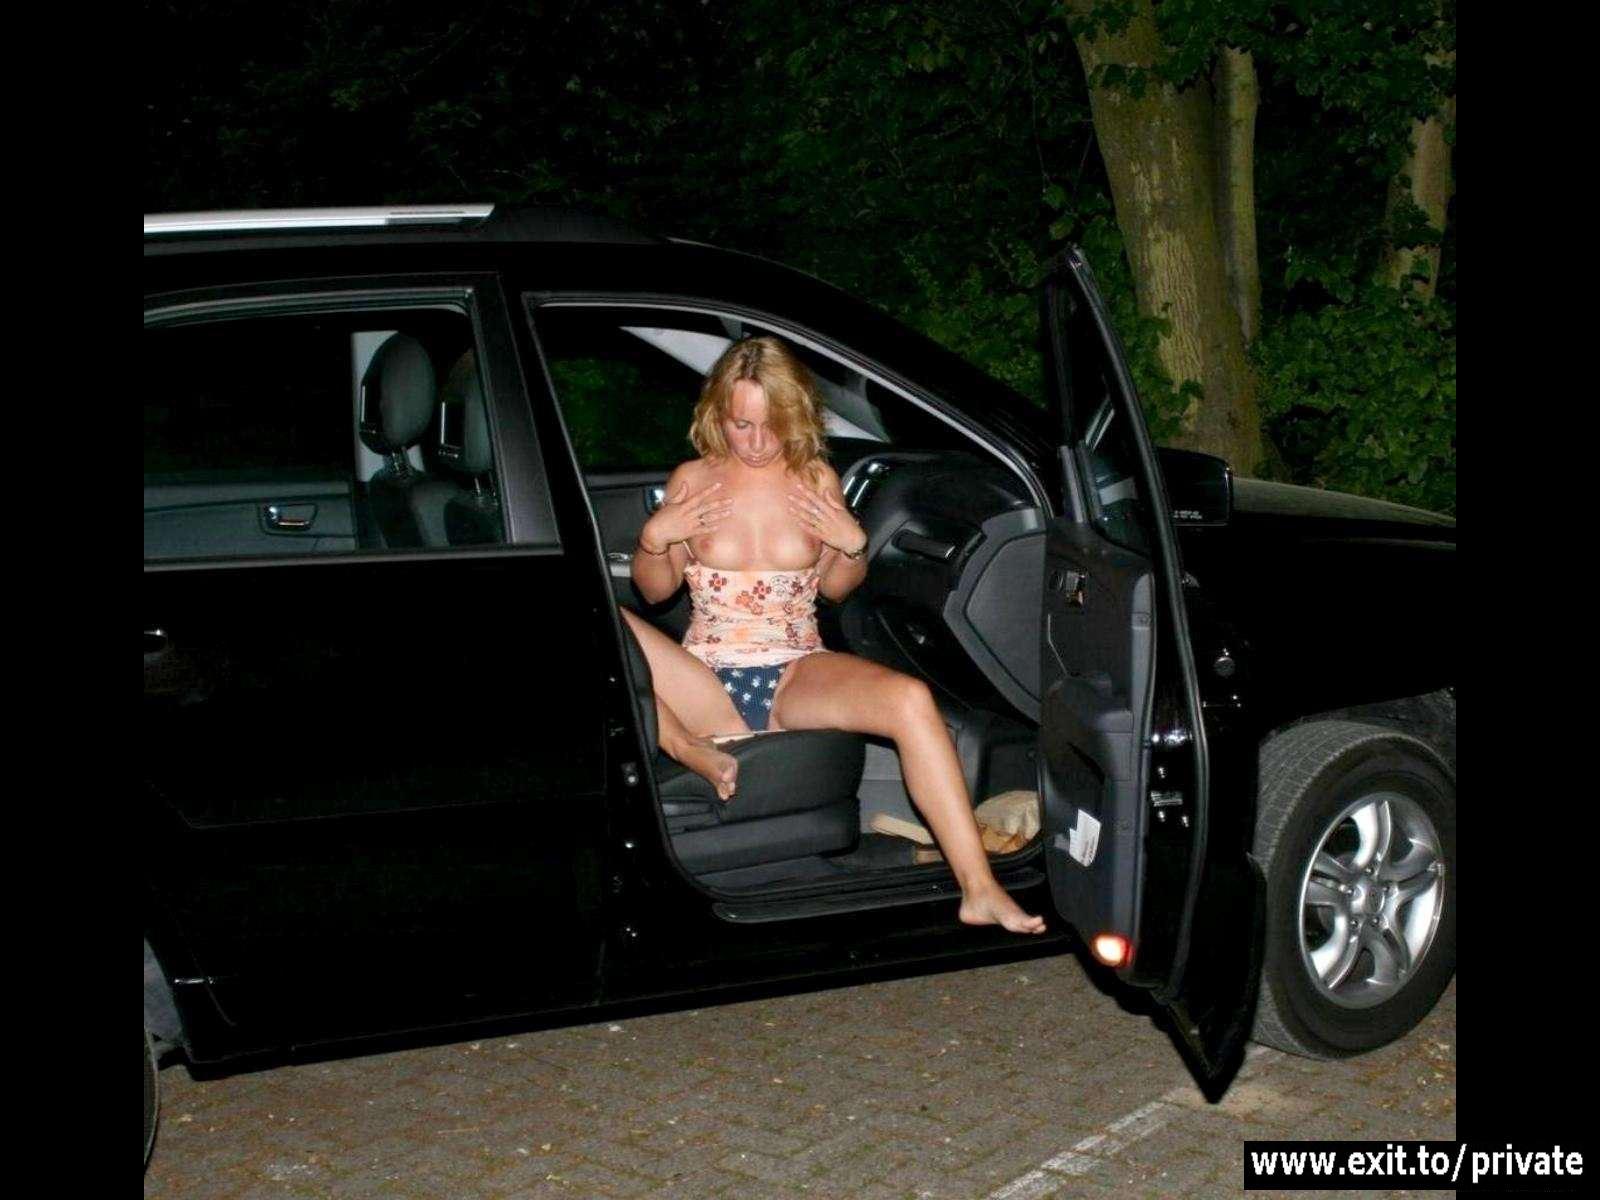 Фото жены сосут в машине 13 фотография